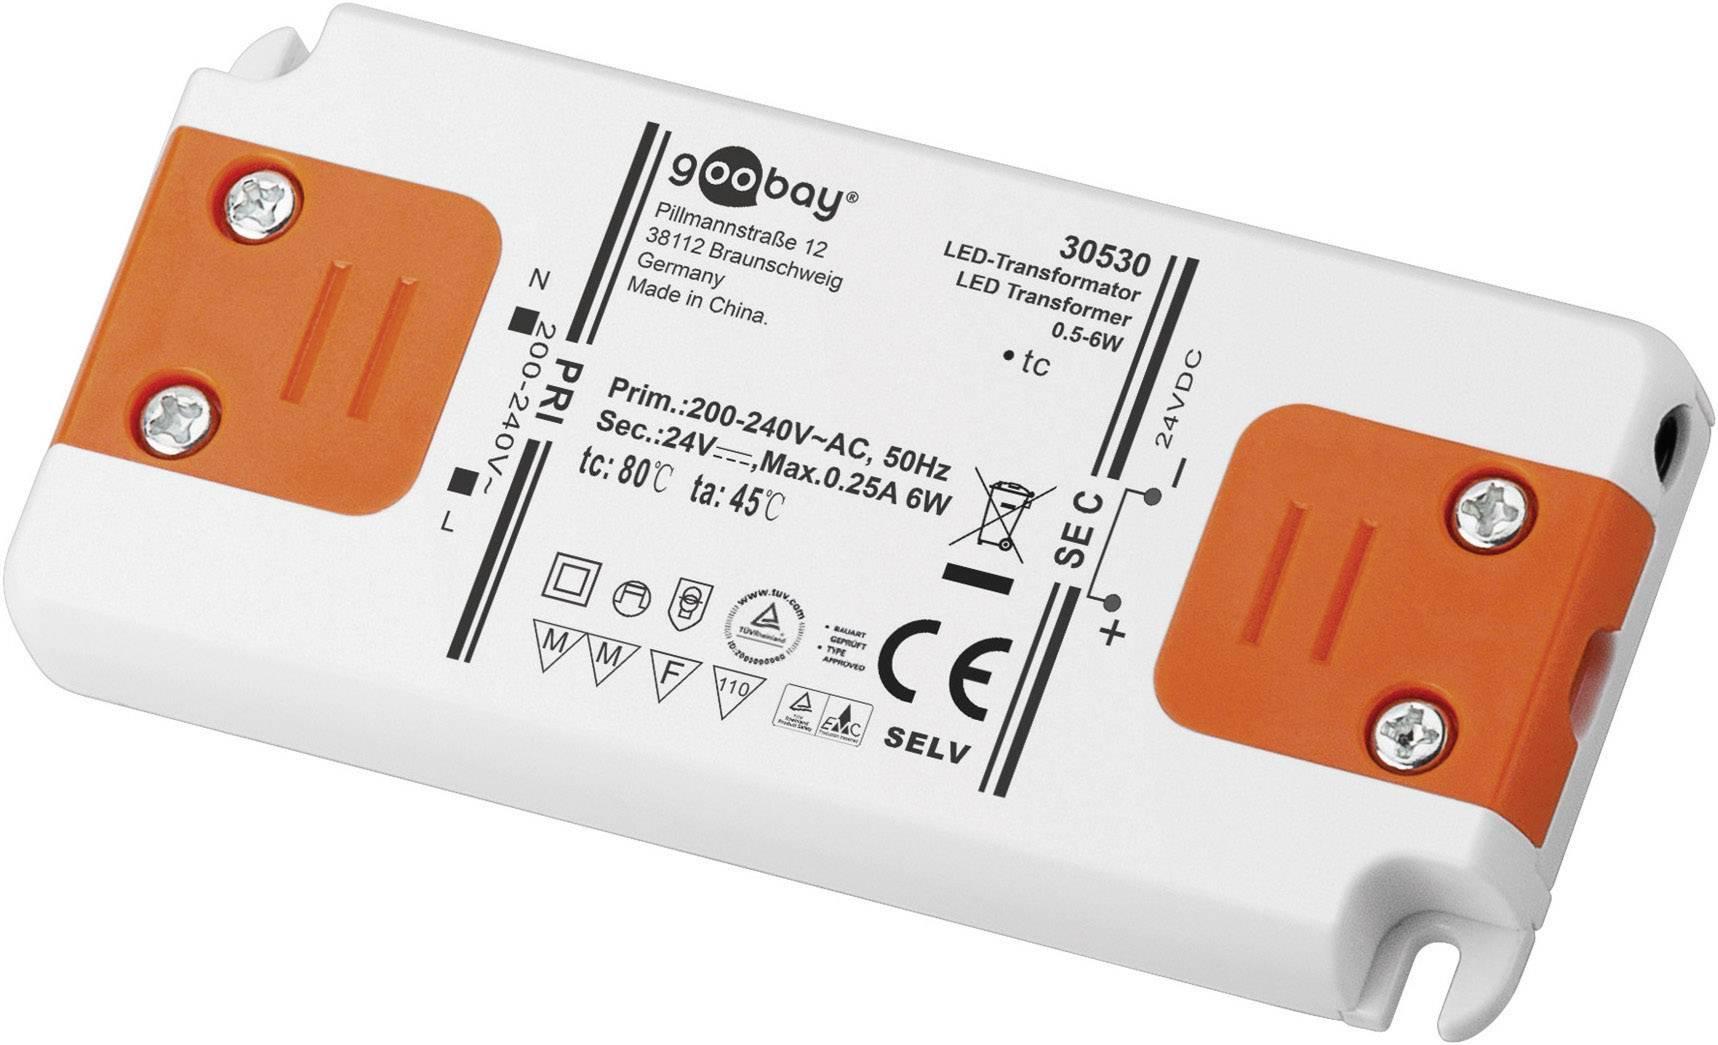 Napájací zdroj pre LED Goobay SET 24-06 LED slim, 0 do 6 W, 0.25 A, 24 V/DC